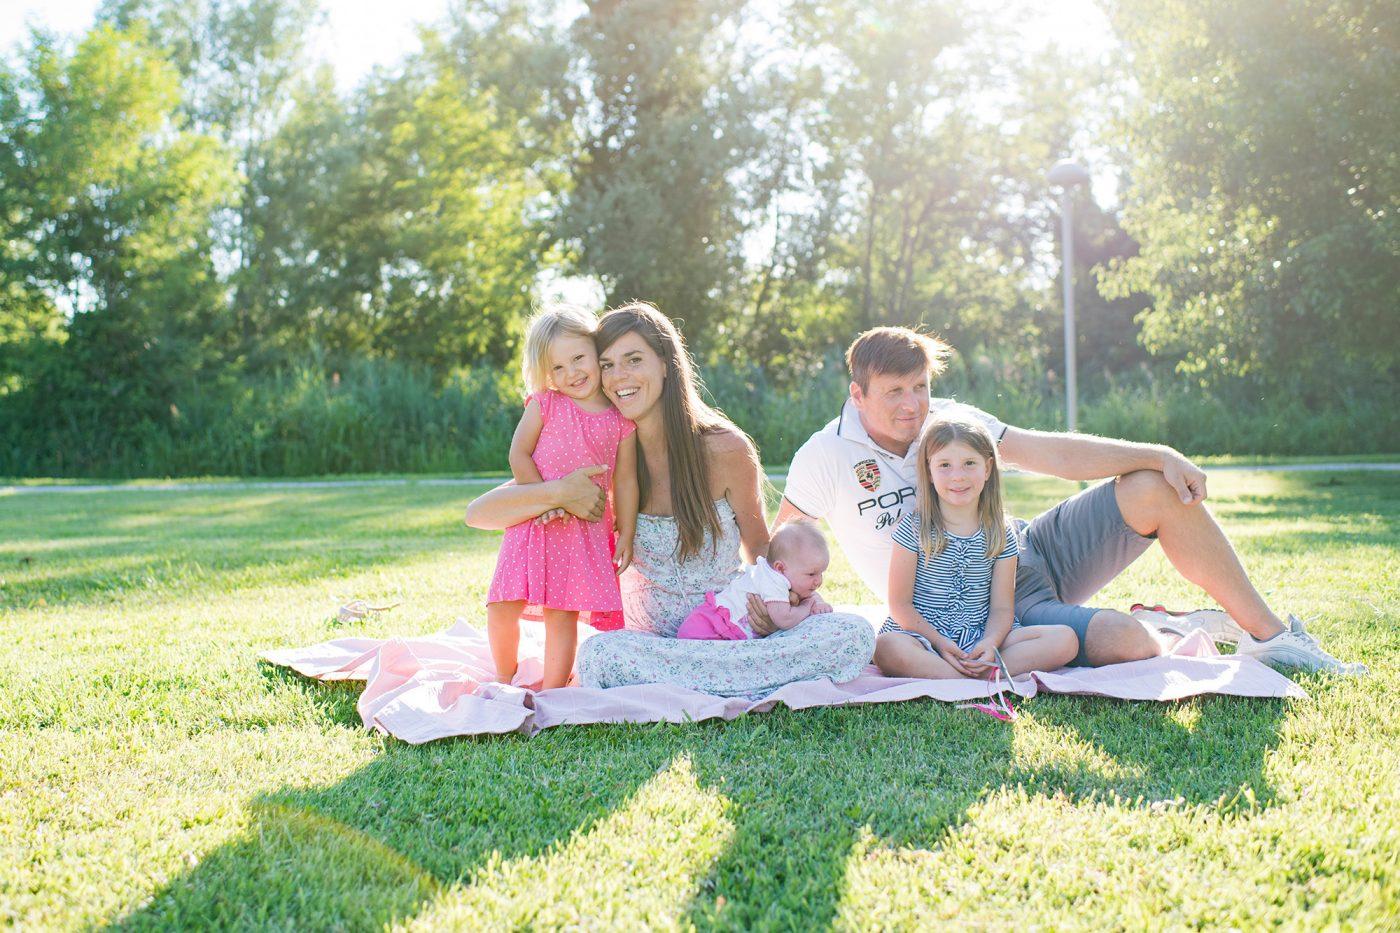 Foto di famiglia all'aperto